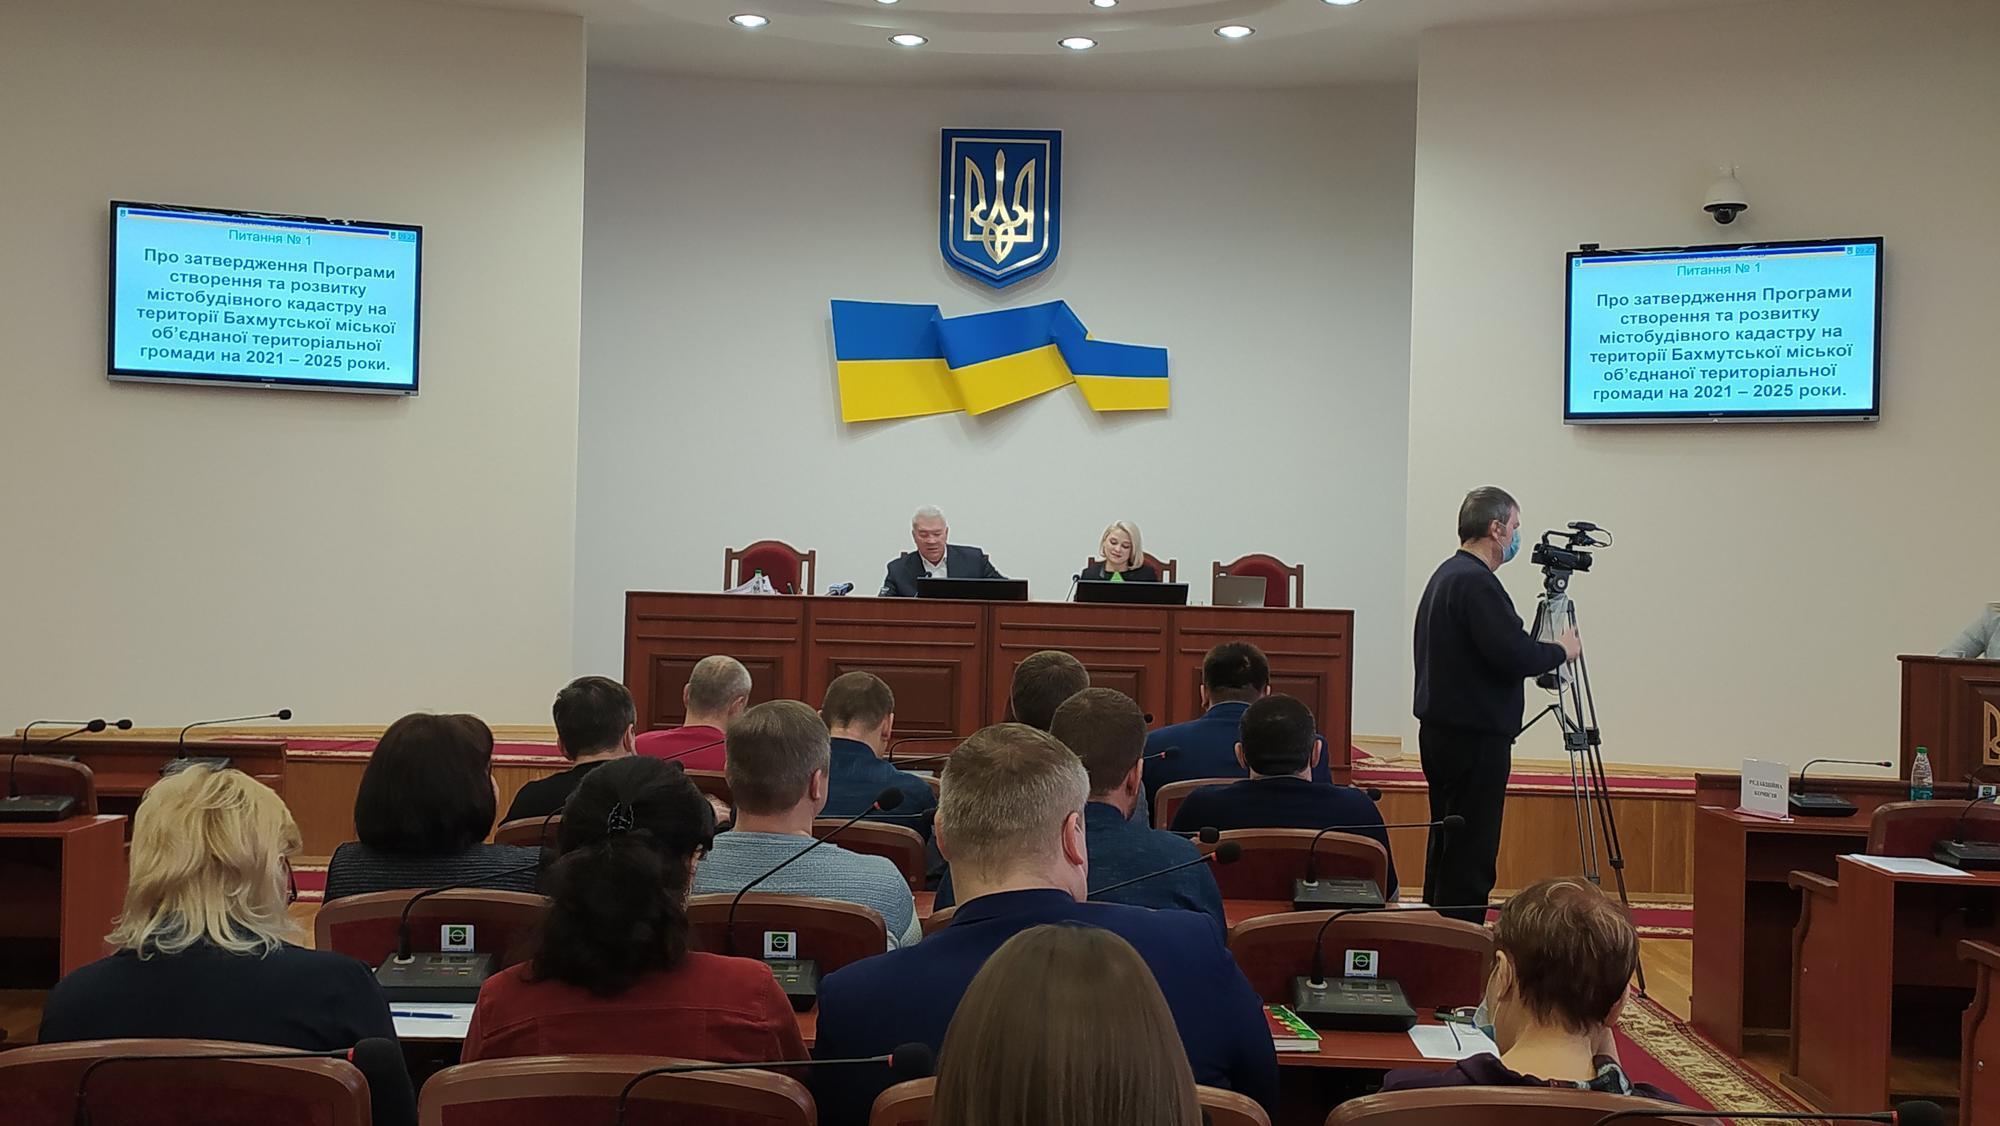 Мэр Бахмута Алексей Рева и секретарь горсовета Анастасия Касперская на сессии без масок